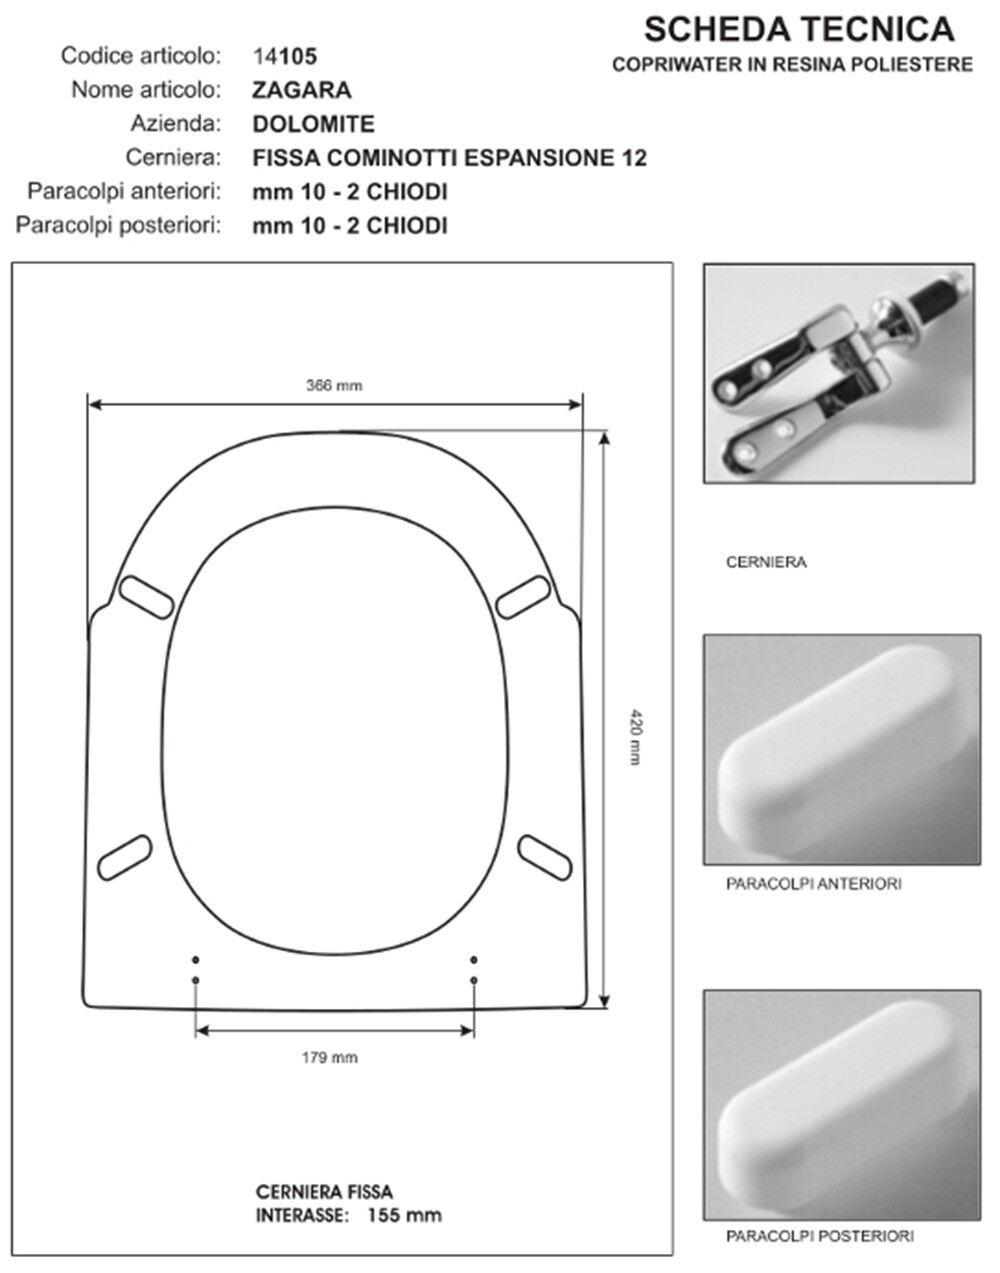 Abattant Wc Siège série compatible avec série Siège Zagara - entreprise Dolomite 5f6544